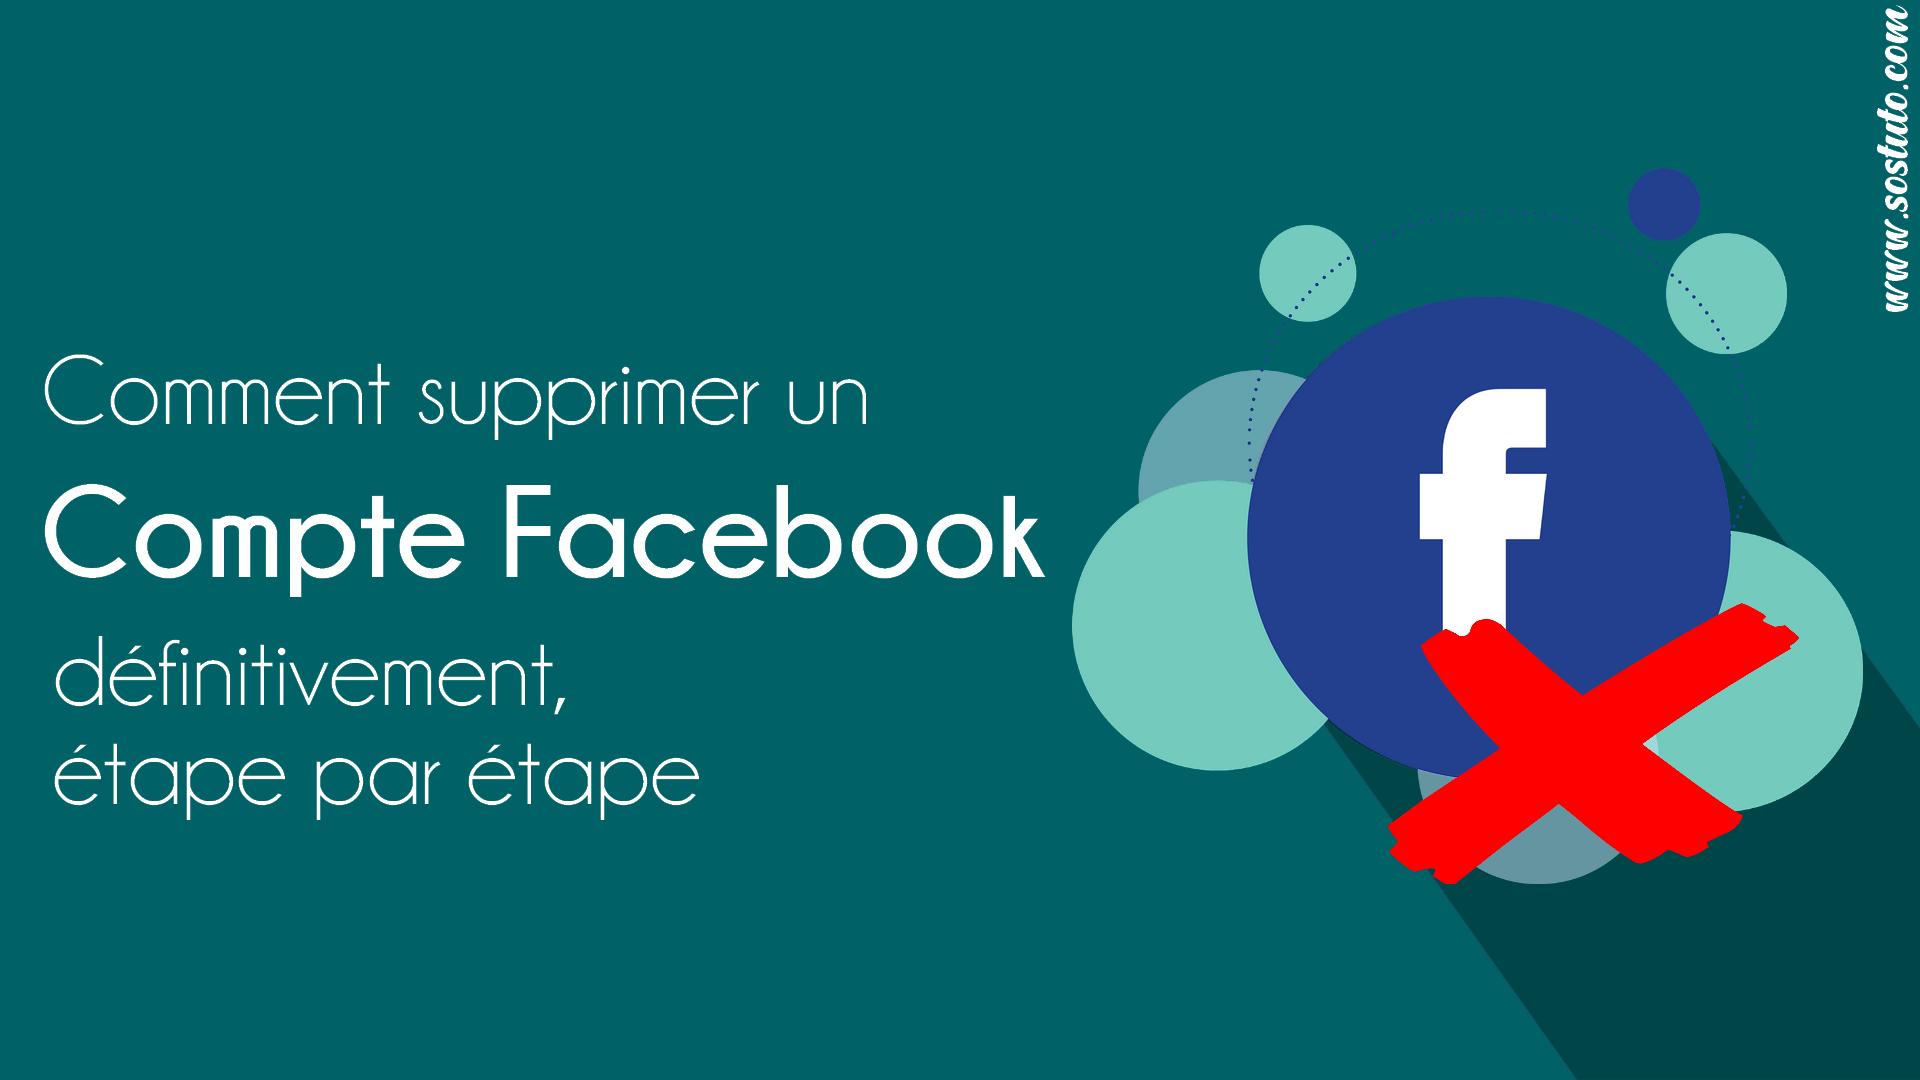 supprimer compte facebook Supprimer un Compte Facebook définitivement – Voici les étapes